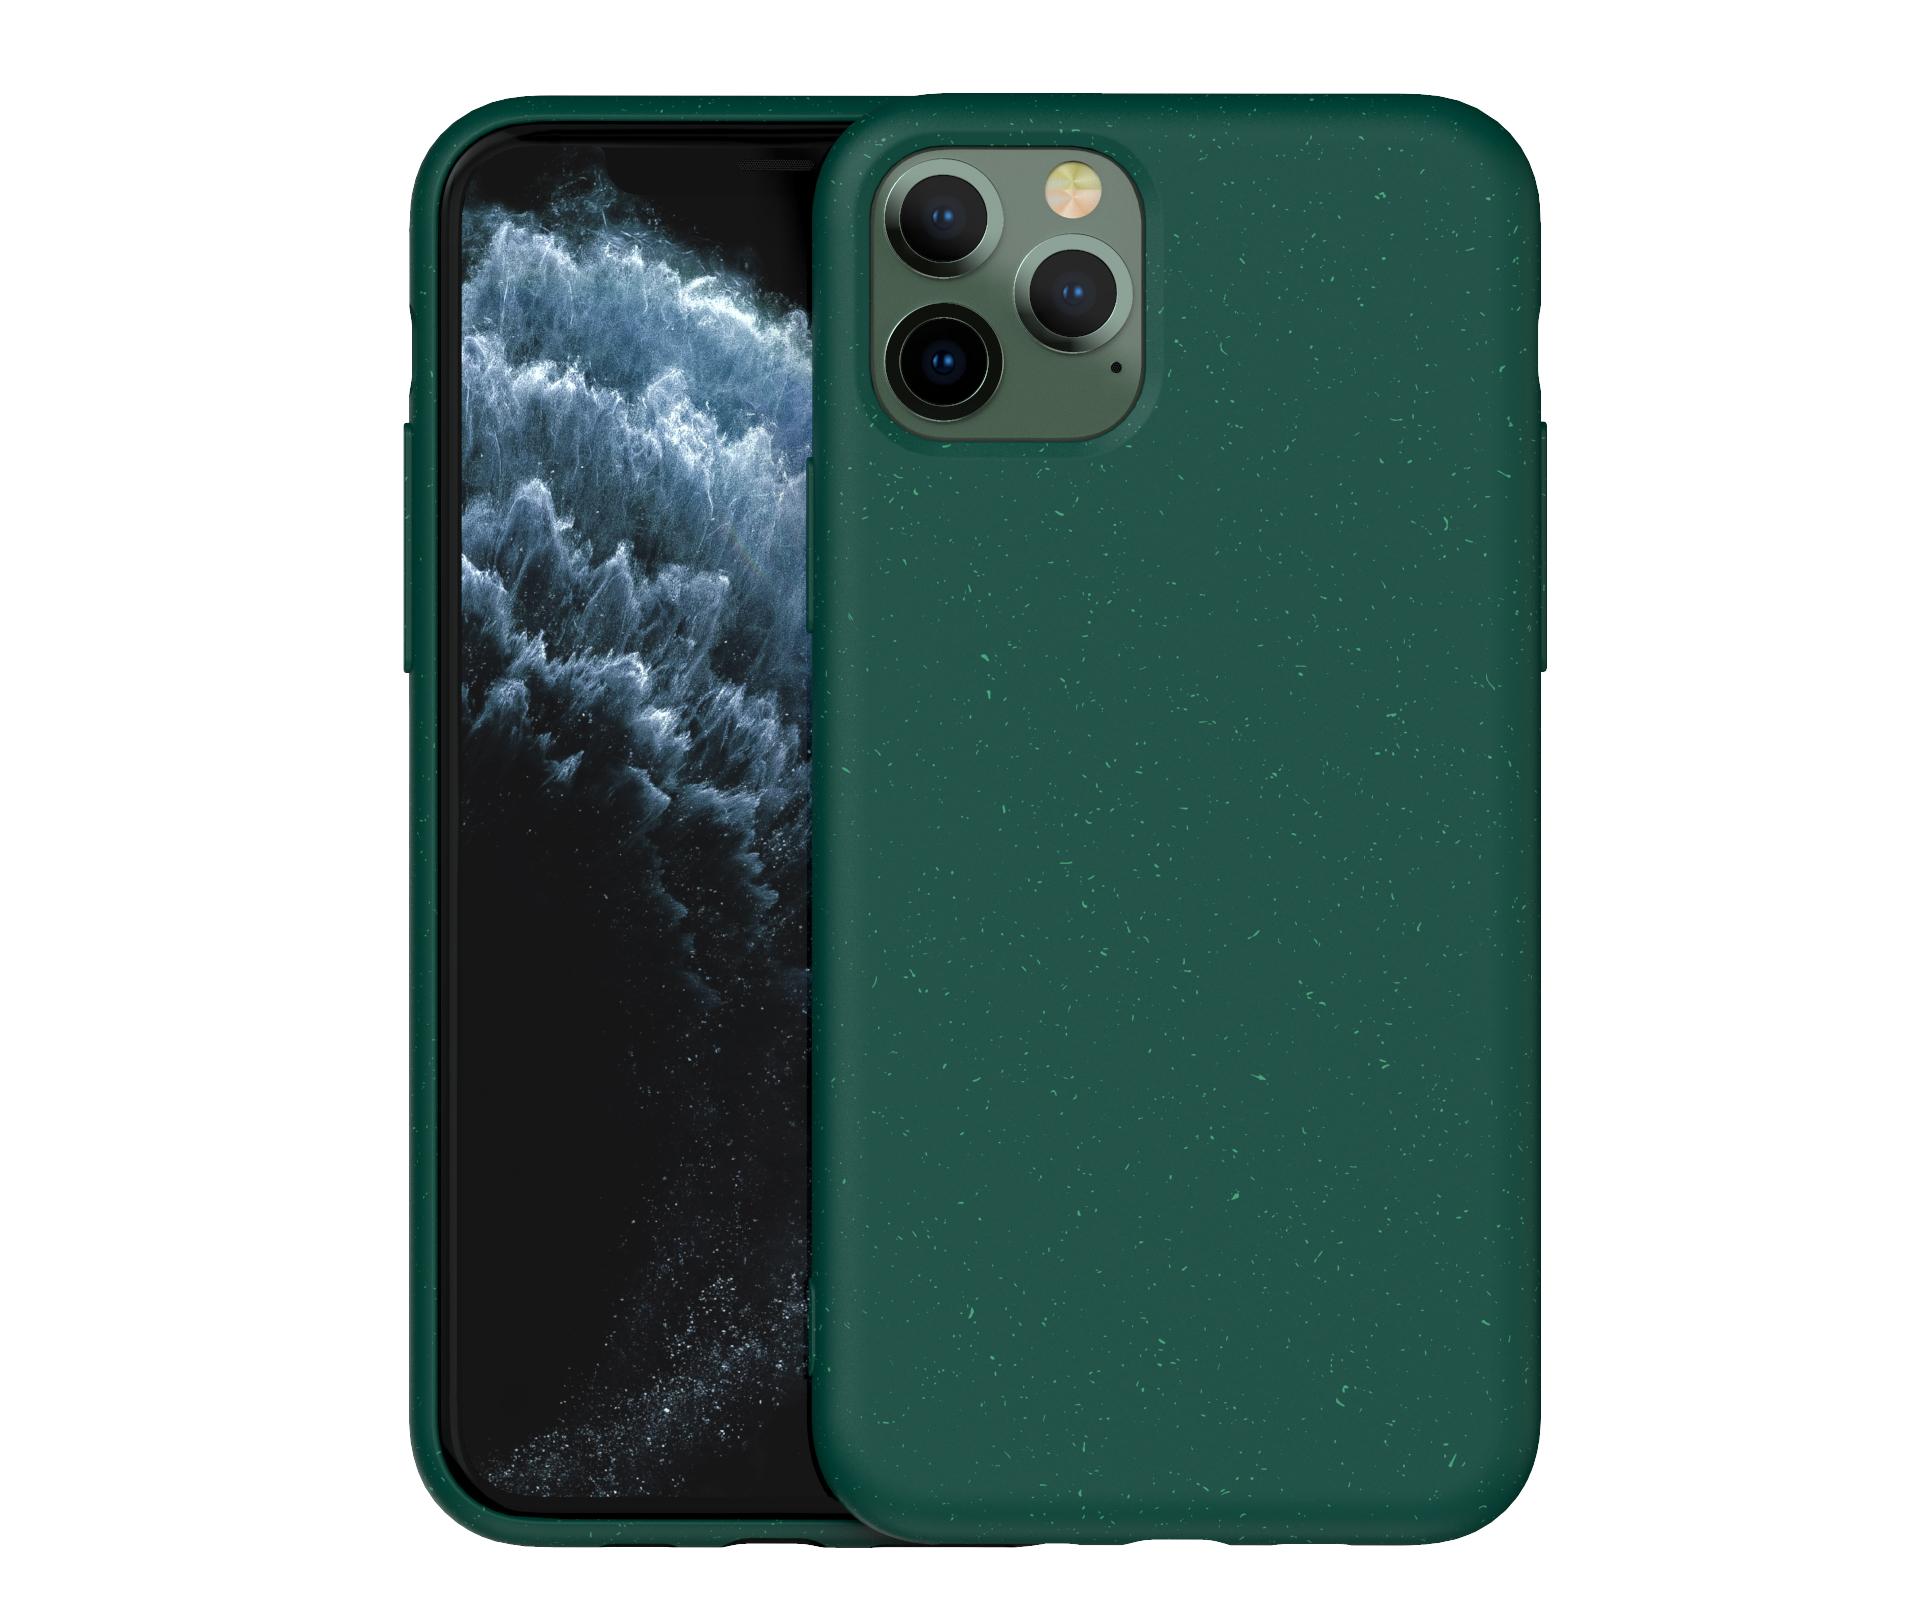 iphone11pro手机壳与手机模型